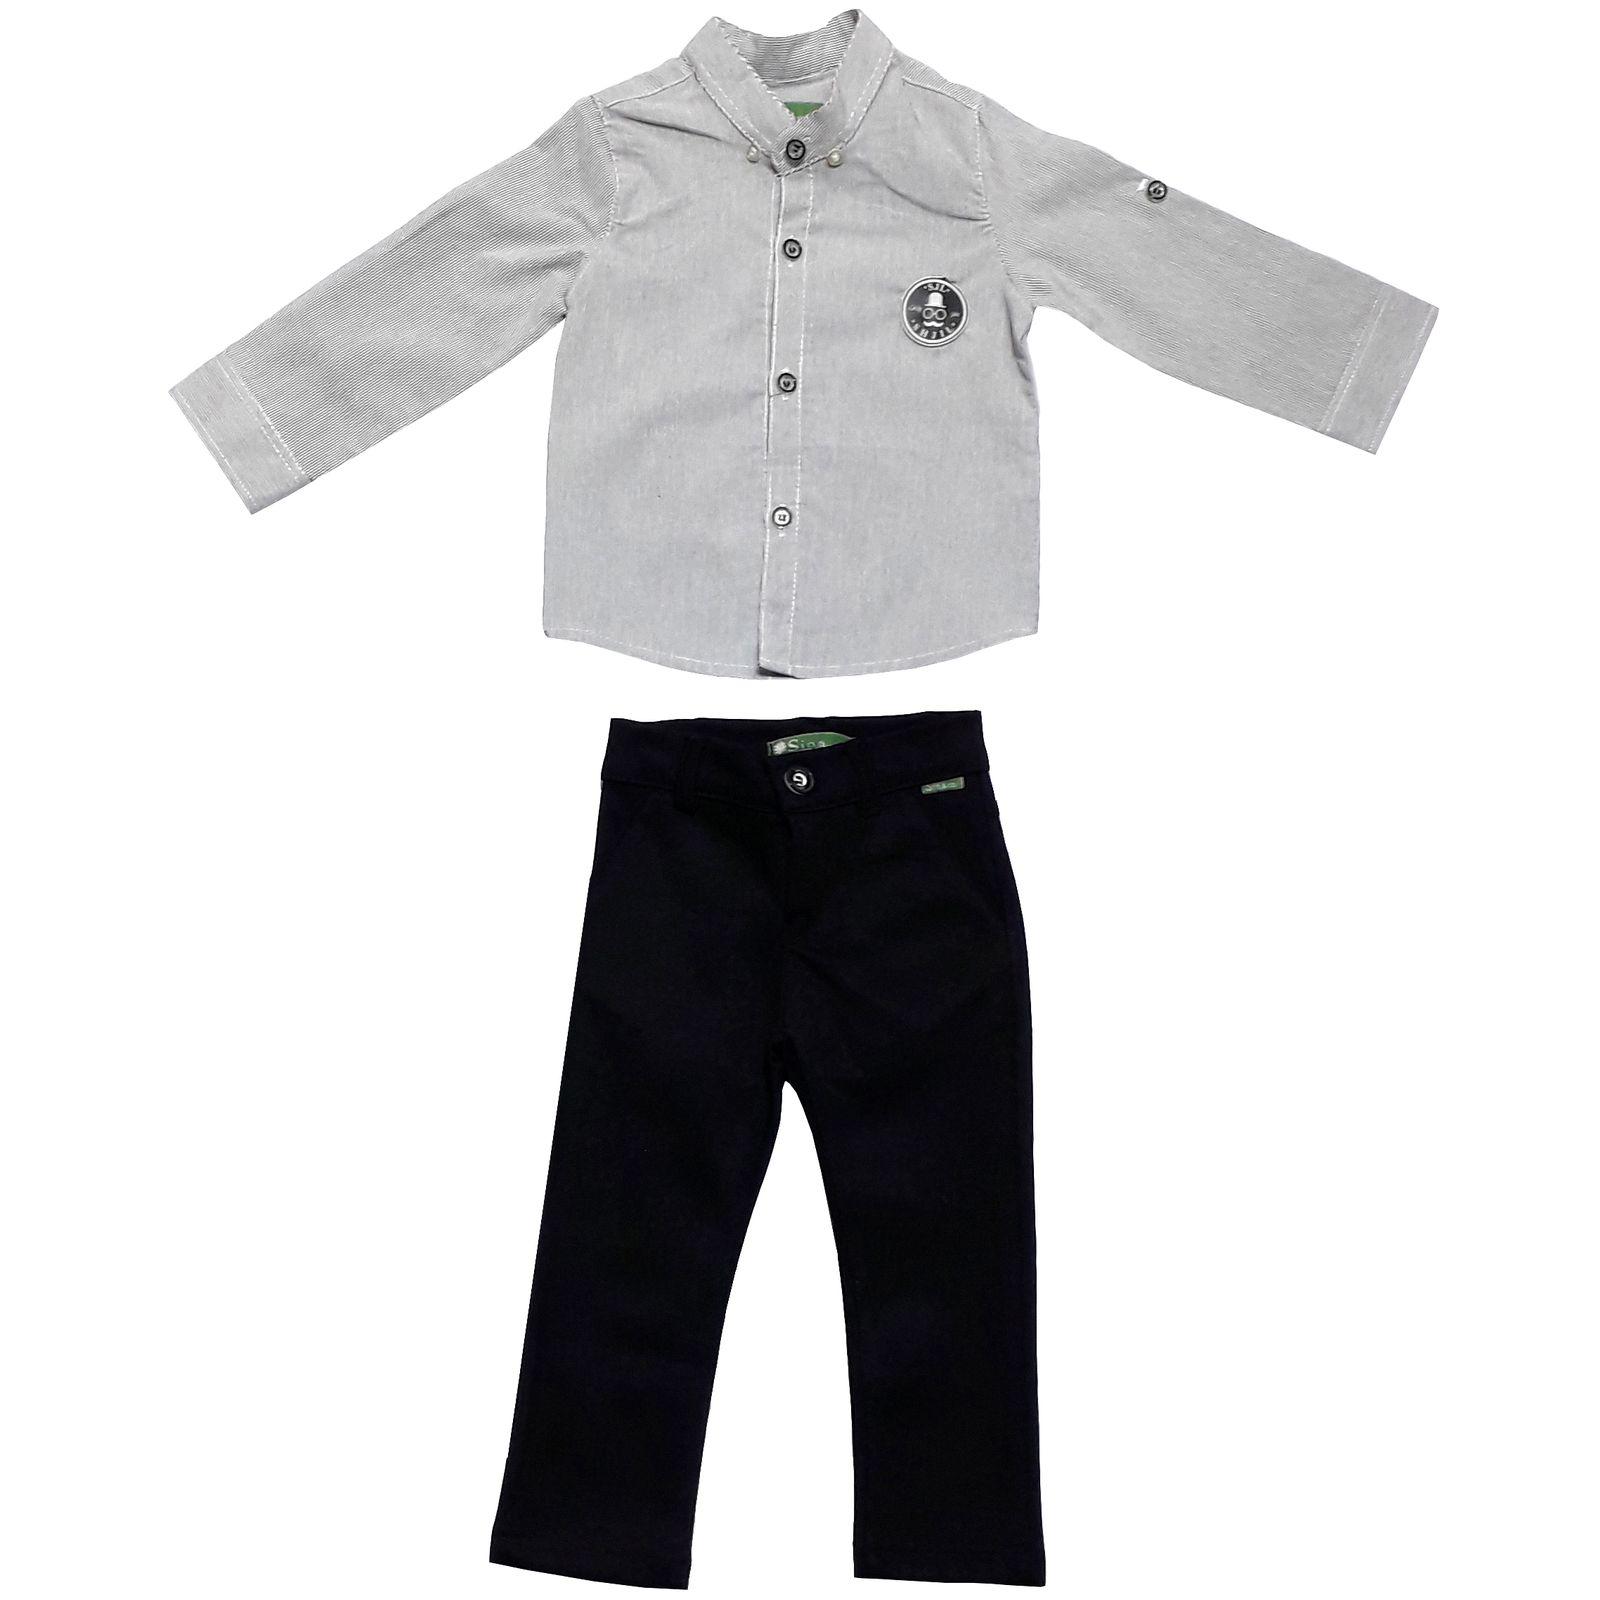 ست پیراهن و شلوار پسرانه مدل 4010 -  - 1